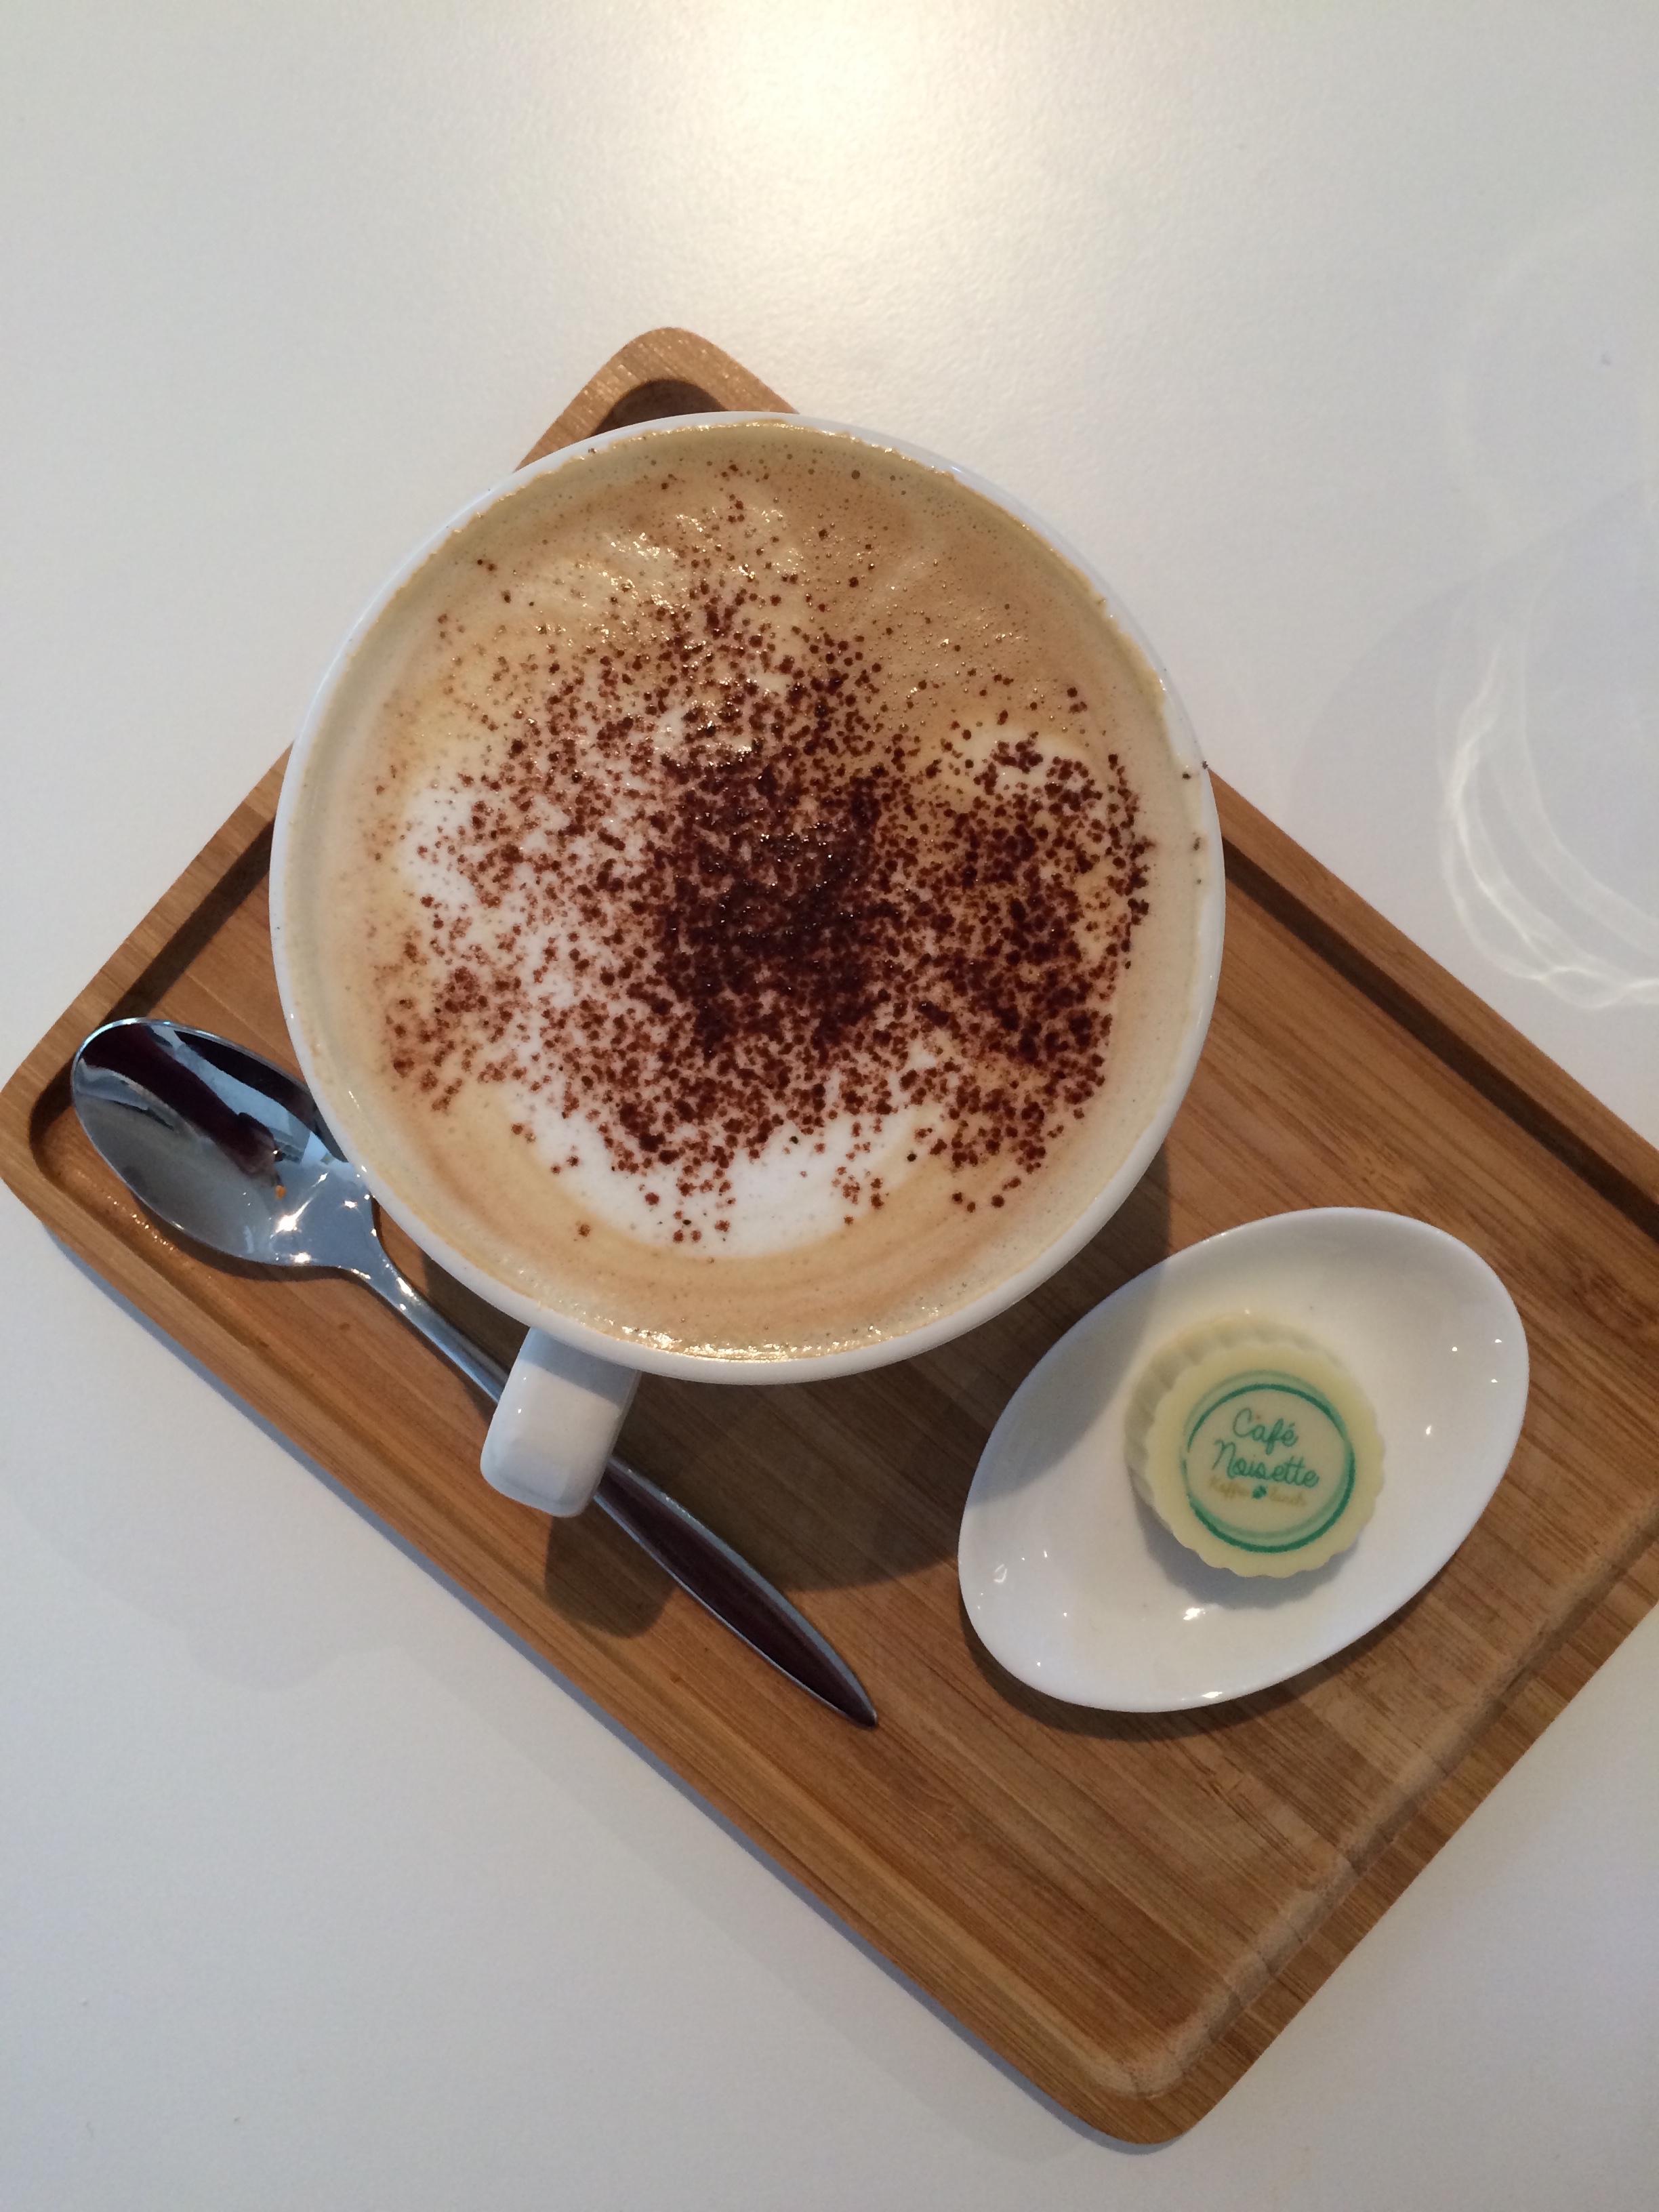 On a Healthy dventure Café Noisette 3